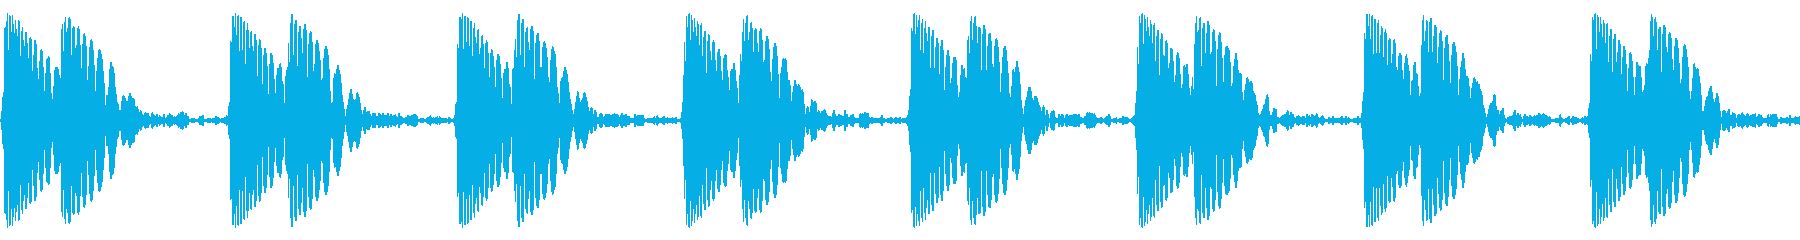 ドクン/心臓/心拍数の再生済みの波形